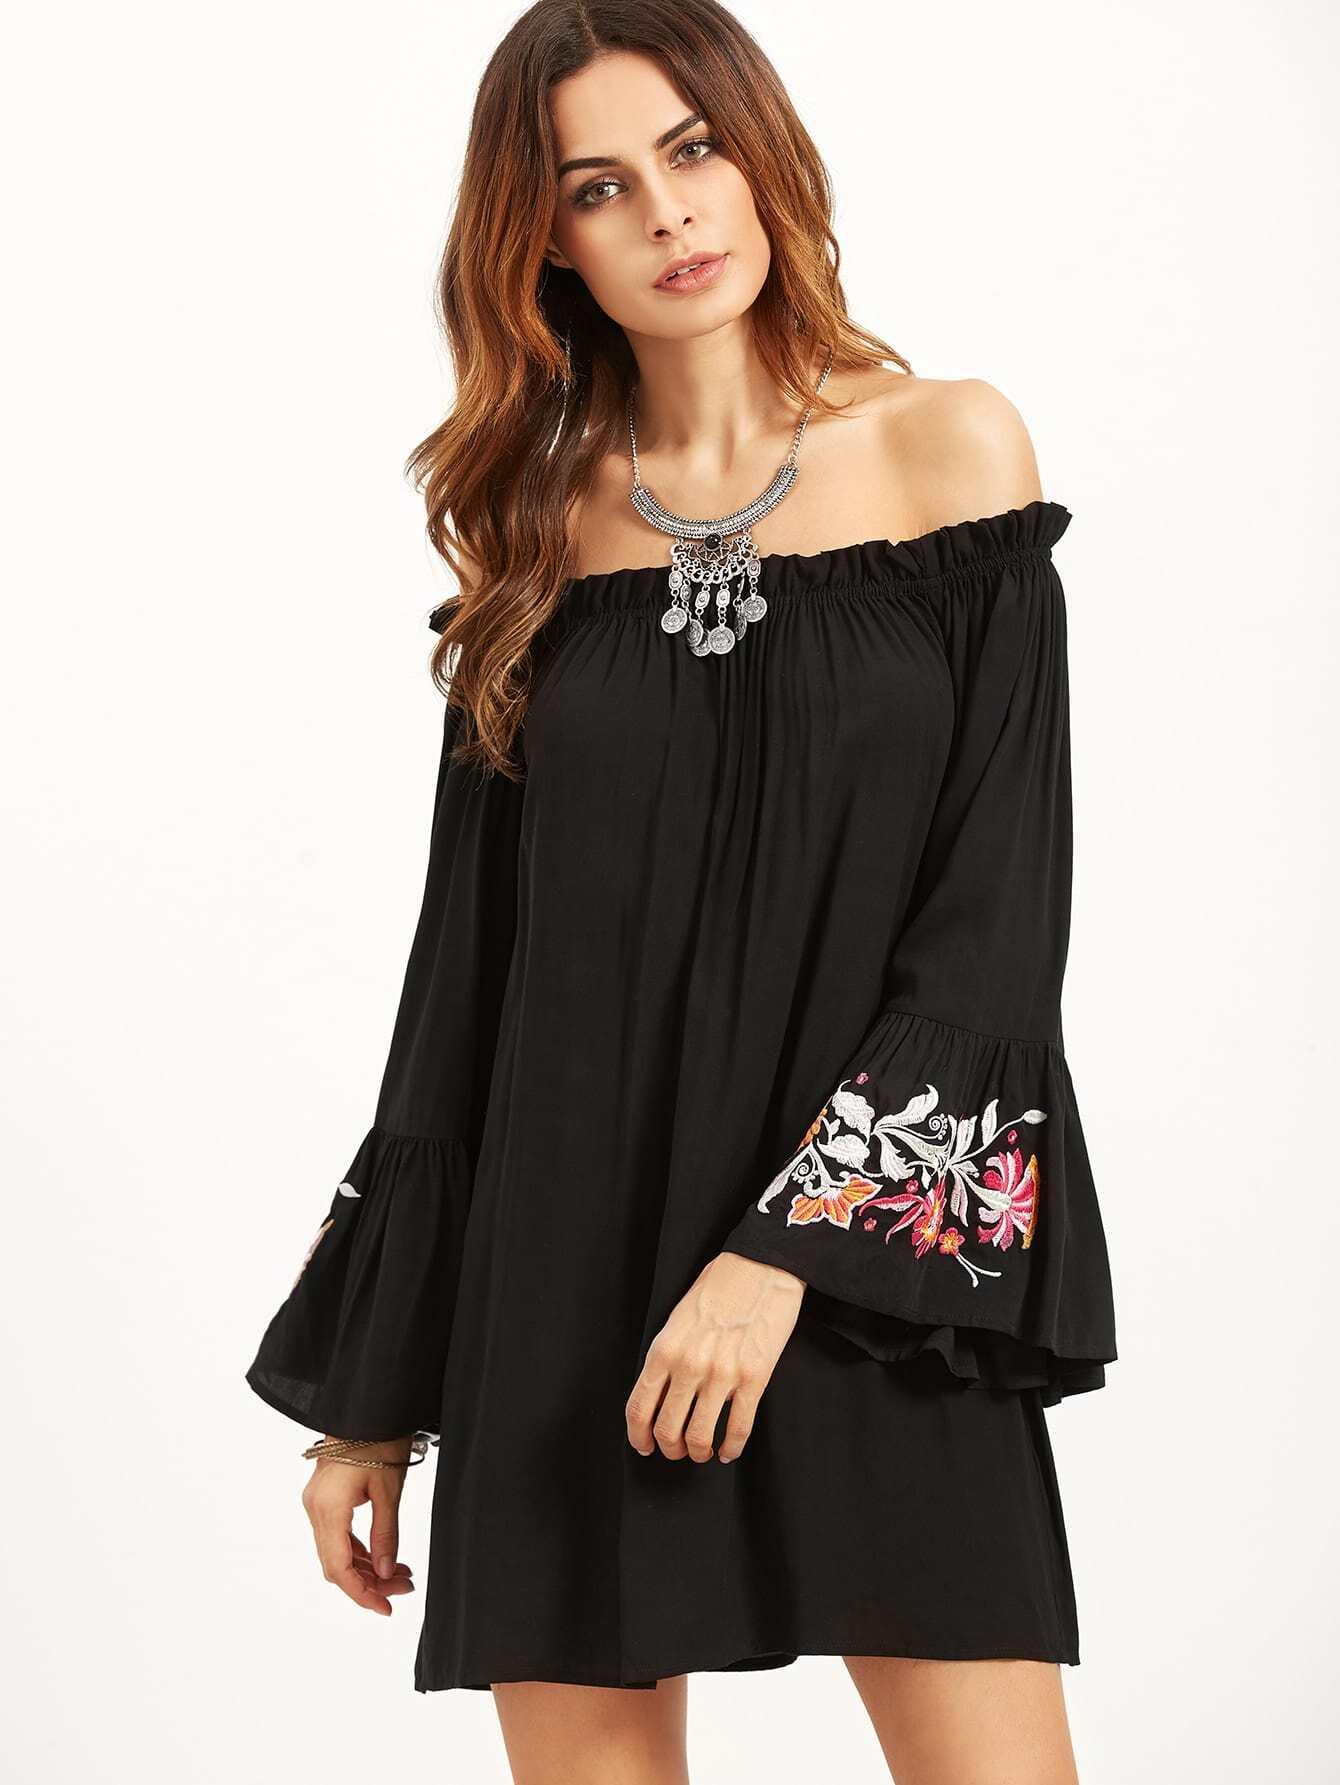 Black Embroidered Bell Sleeve Off The Shoulder DressBlack Embroidered Bell Sleeve Off The Shoulder Dress<br><br>color: Black<br>size: XS